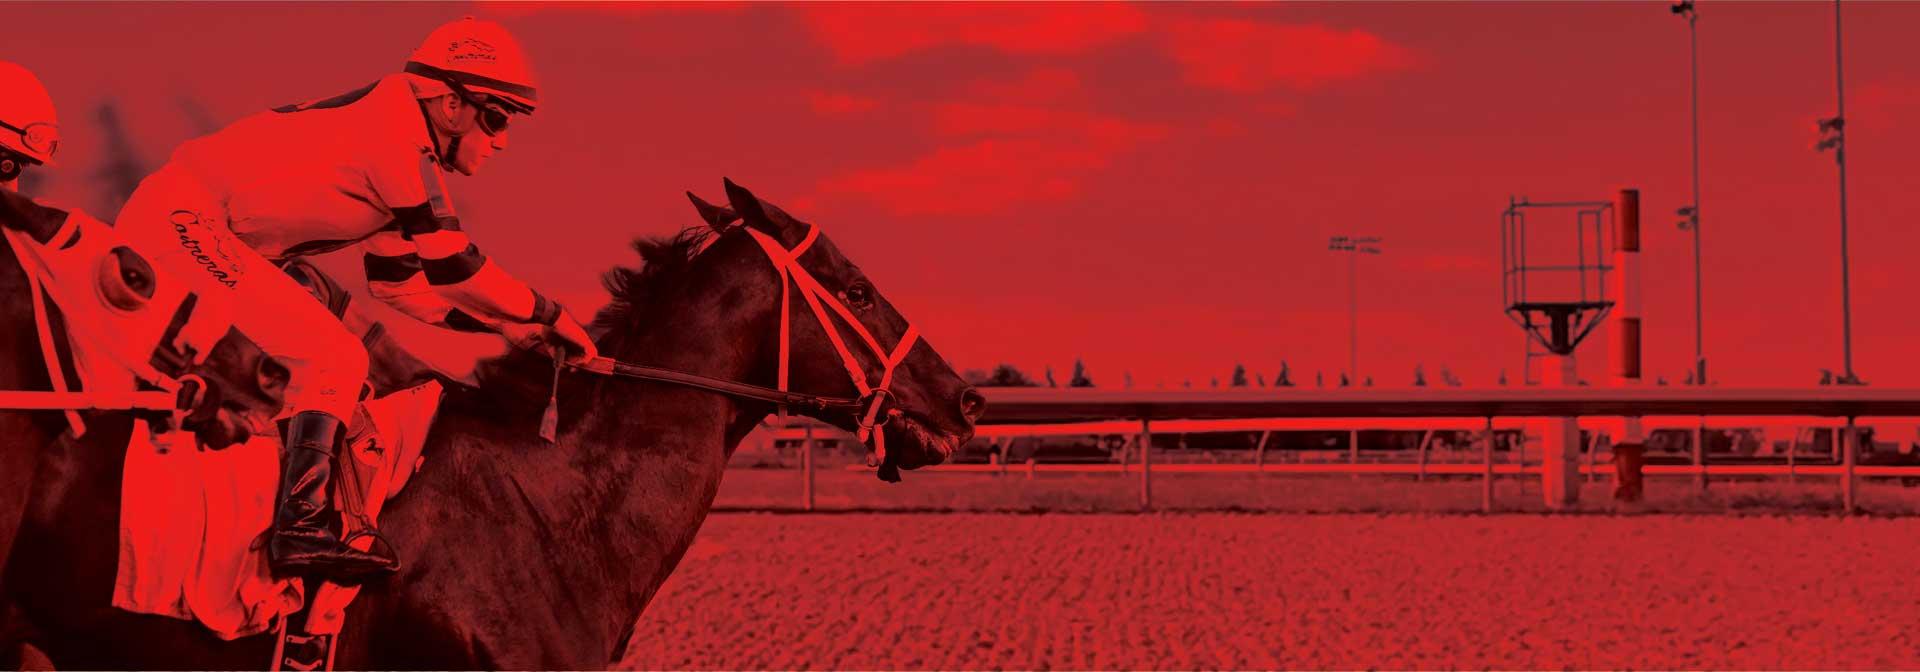 扣人心弦新体验,</br>尽在安省赛马!